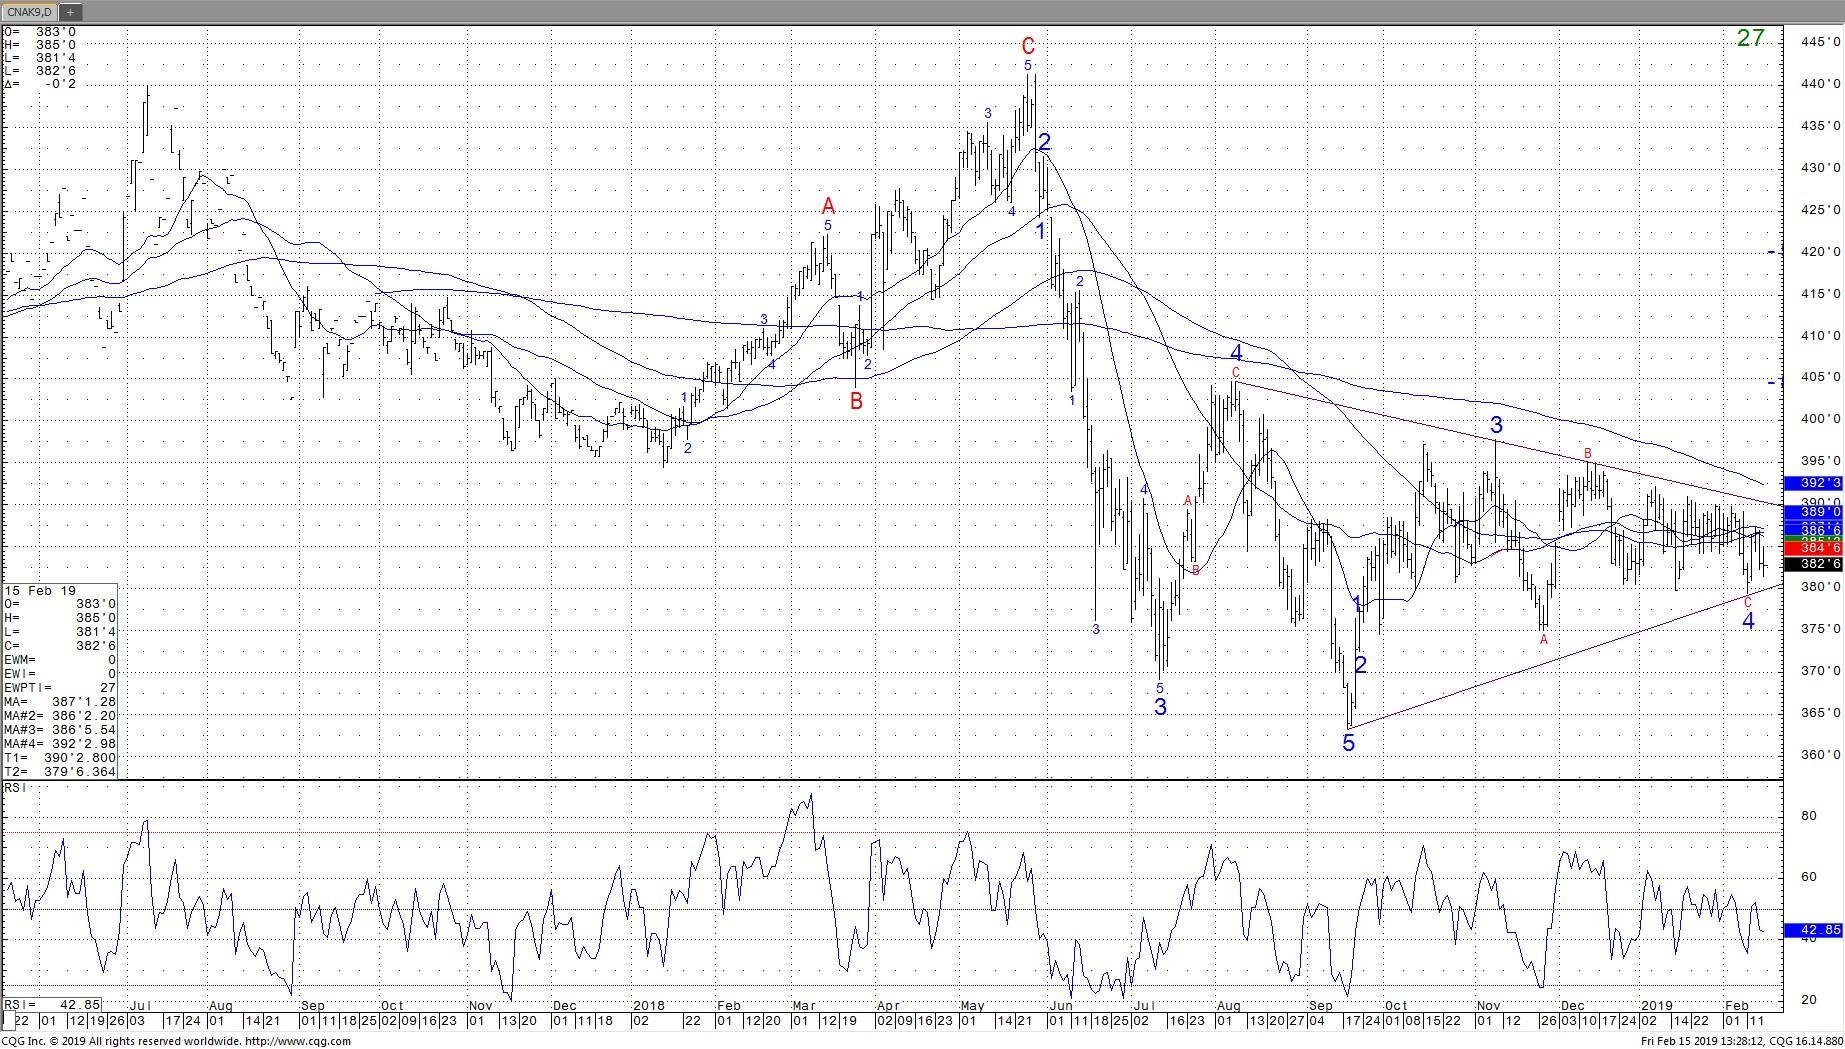 May Daily Corn Chart